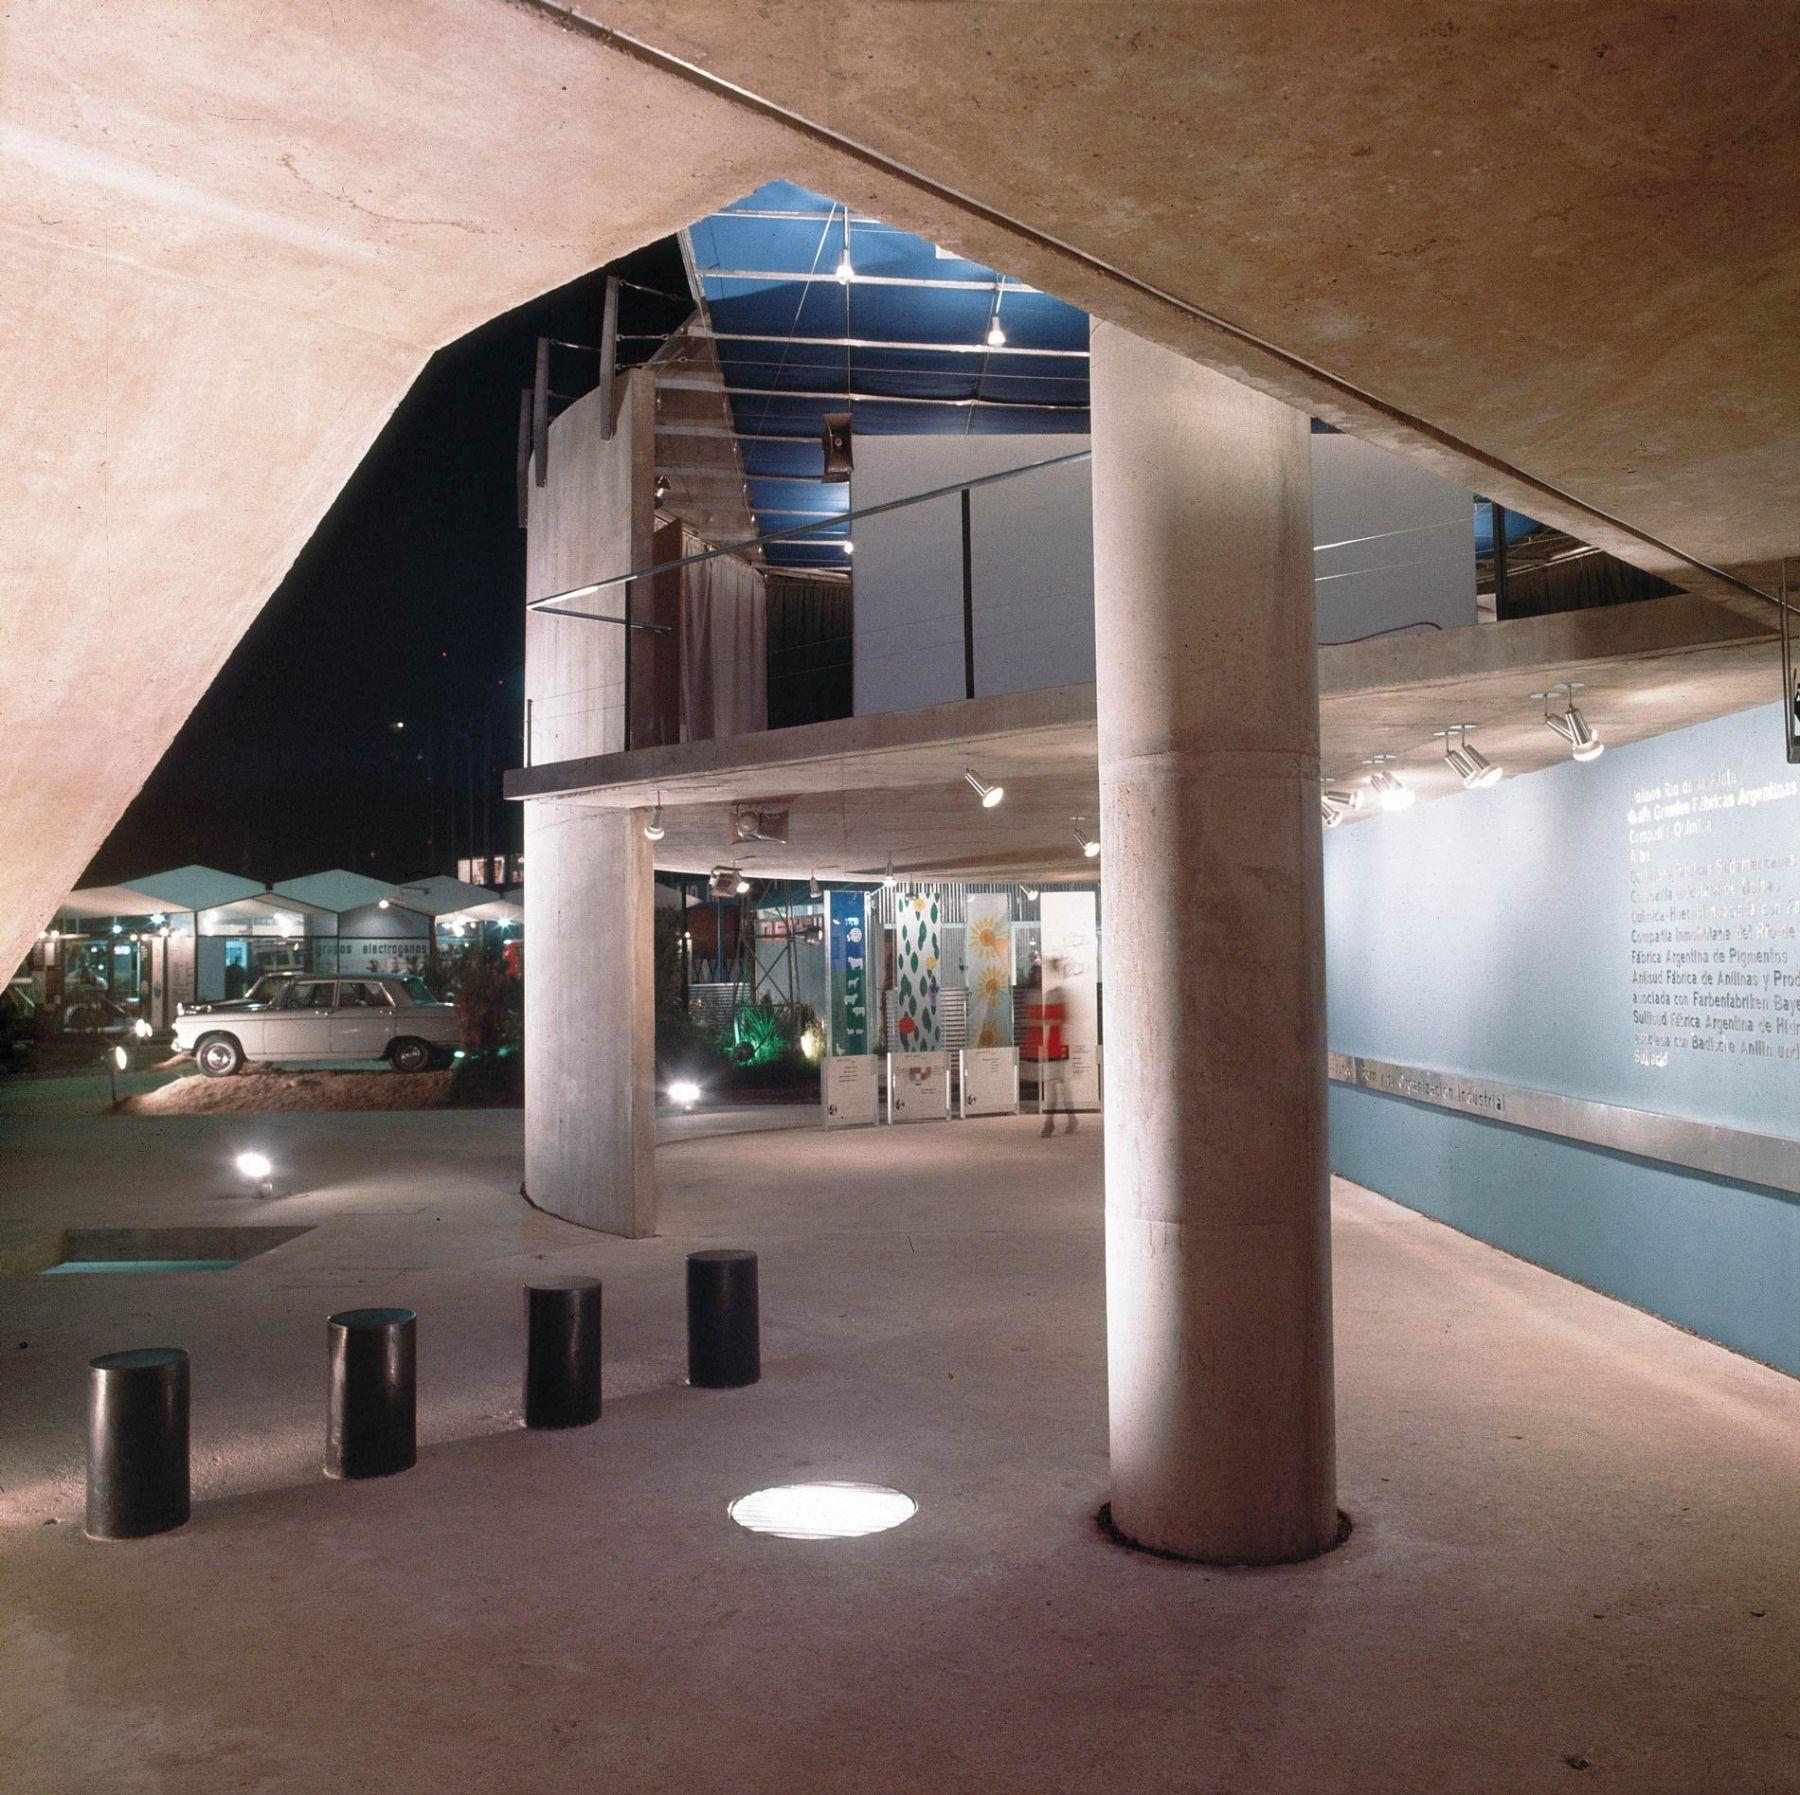 Pabellón de exposición en Palermo